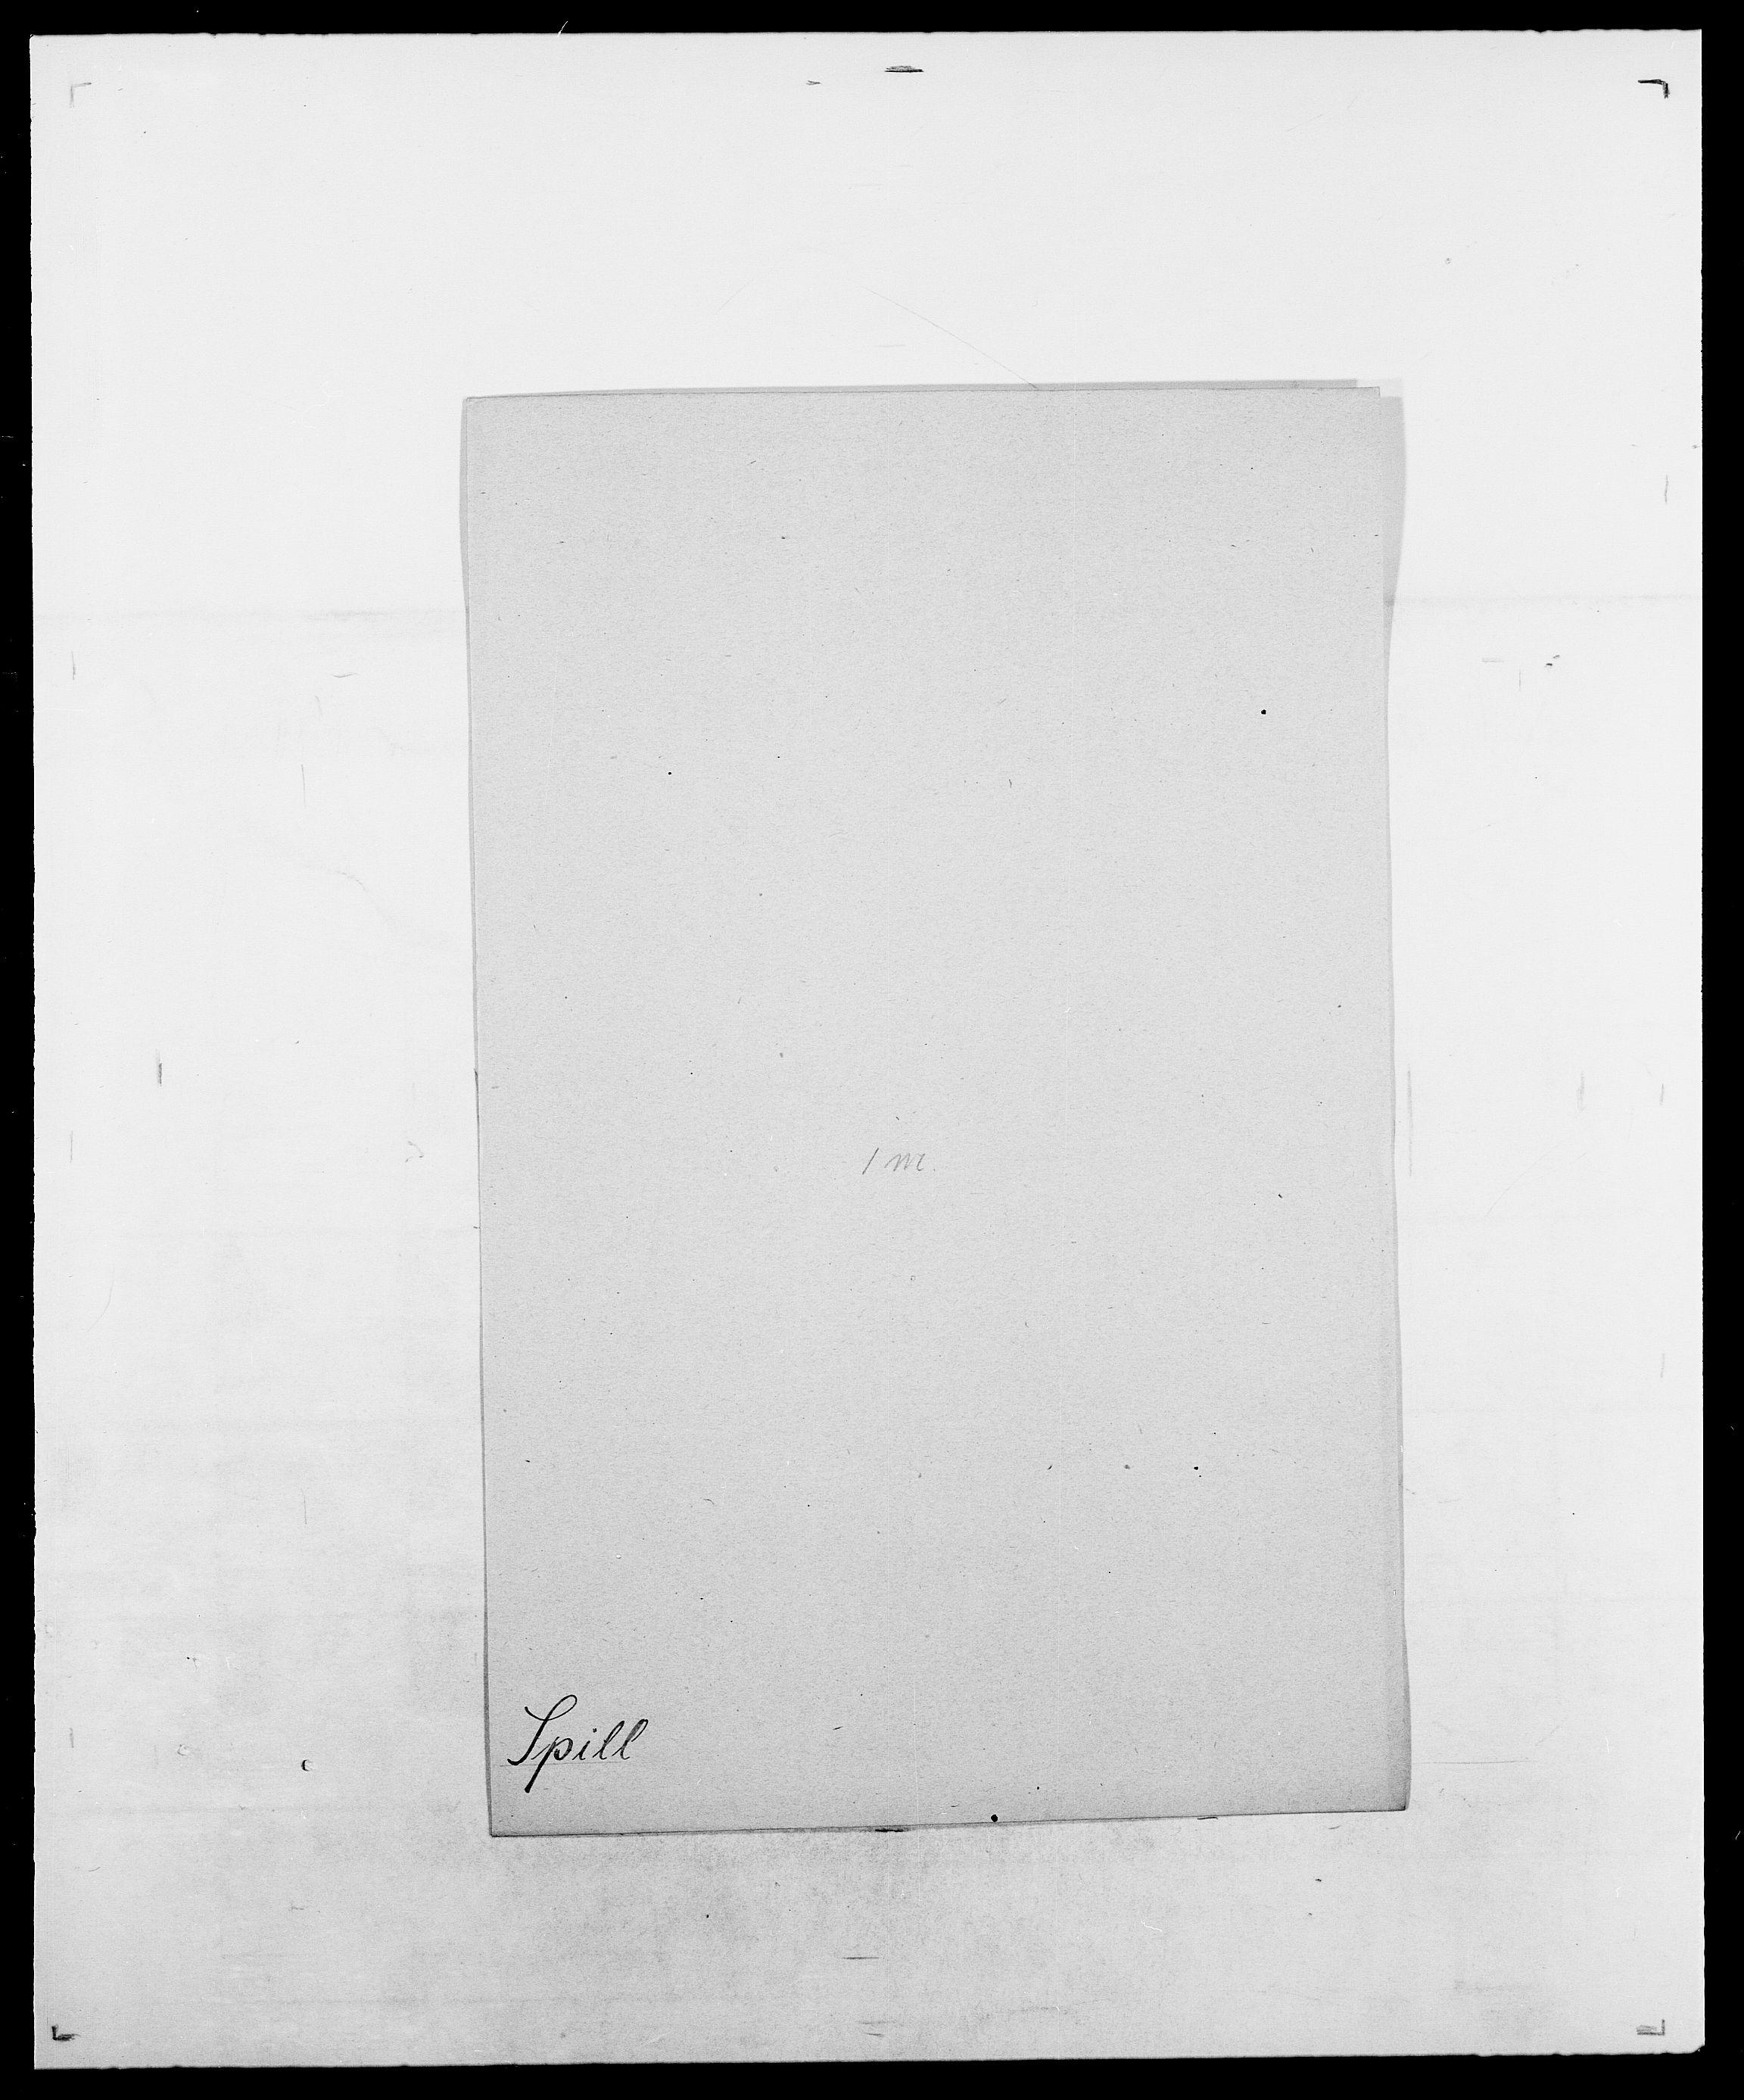 SAO, Delgobe, Charles Antoine - samling, D/Da/L0036: Skaanør - Staverskov, s. 554